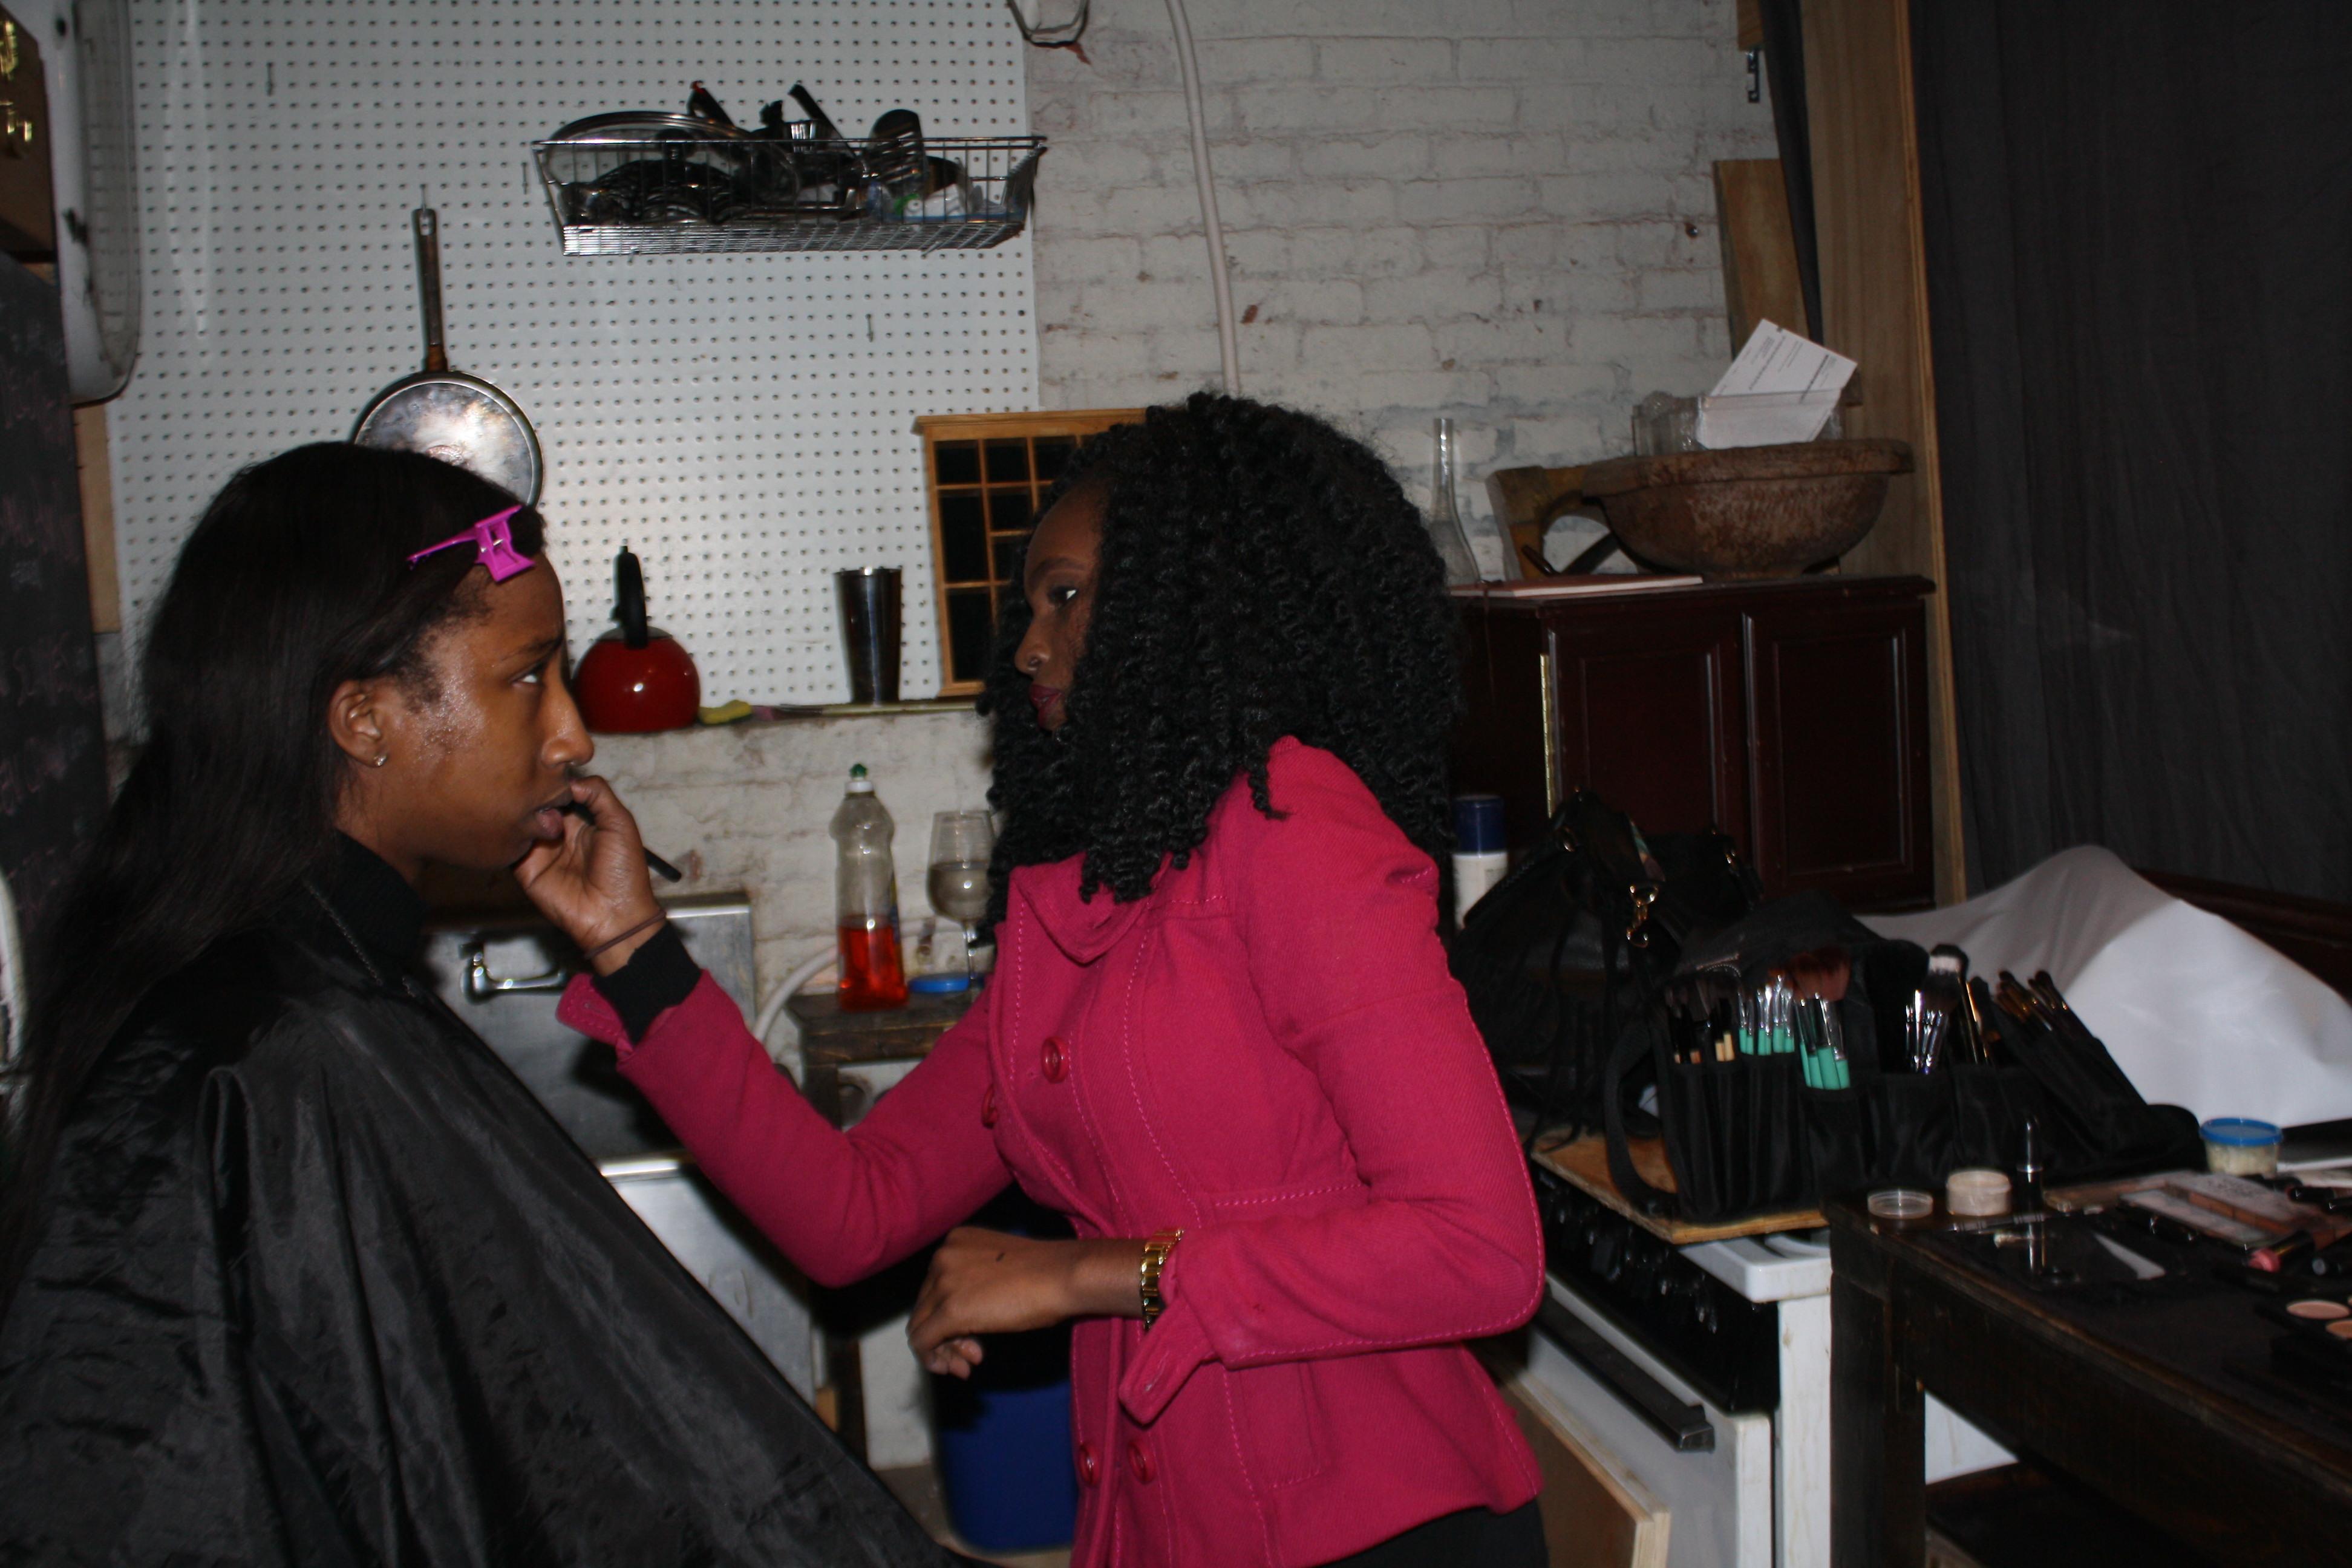 Noor and Makeup artist @work